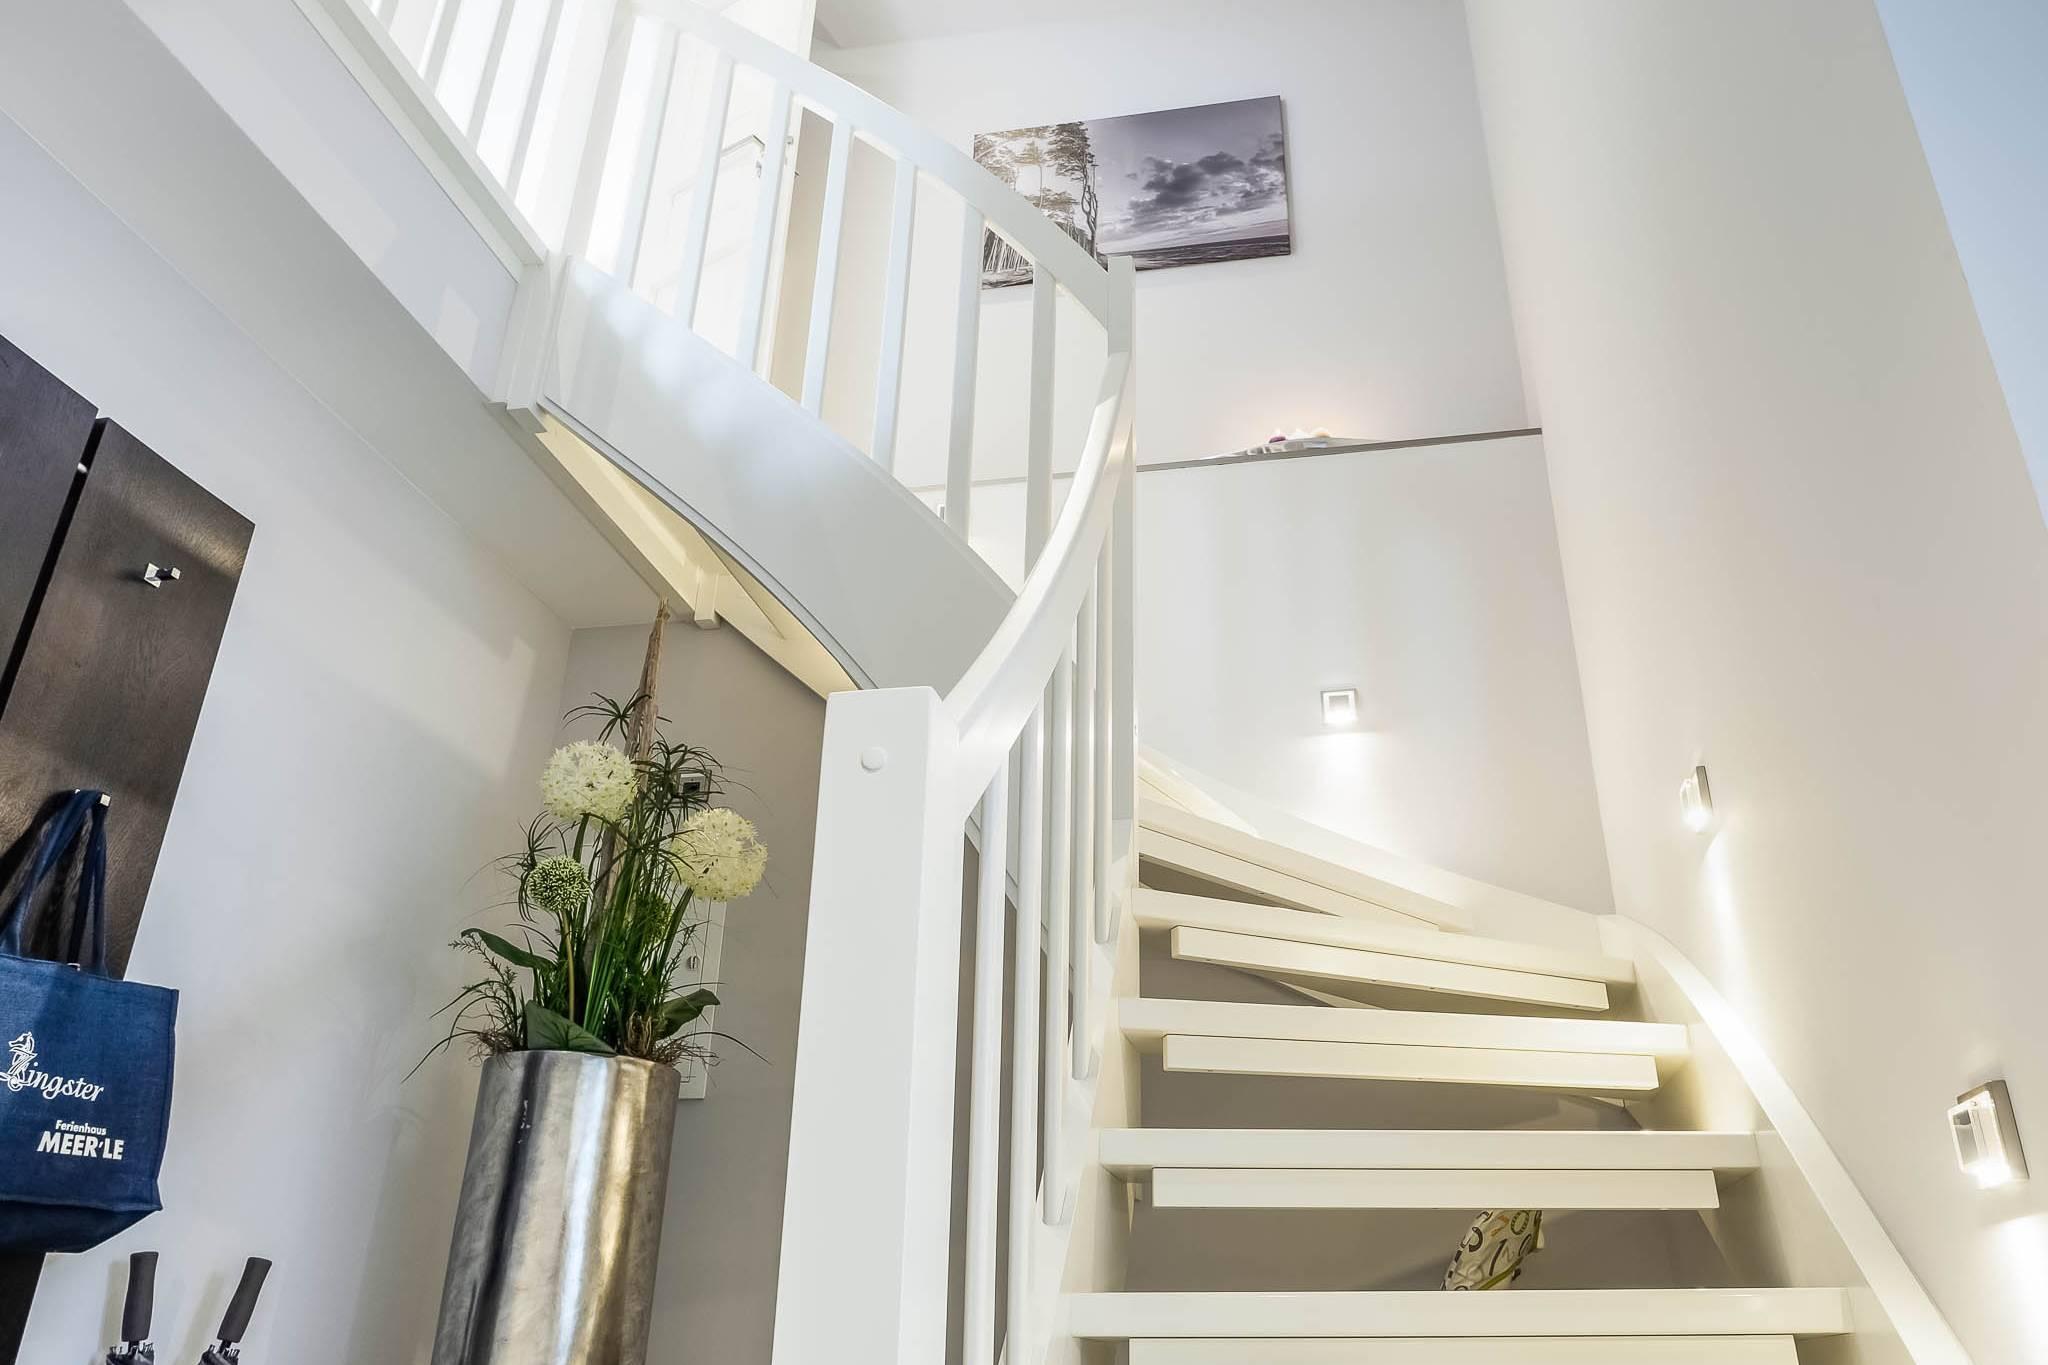 Ferienwohnung meerle 4 - Treppe ins Dachgeschoss